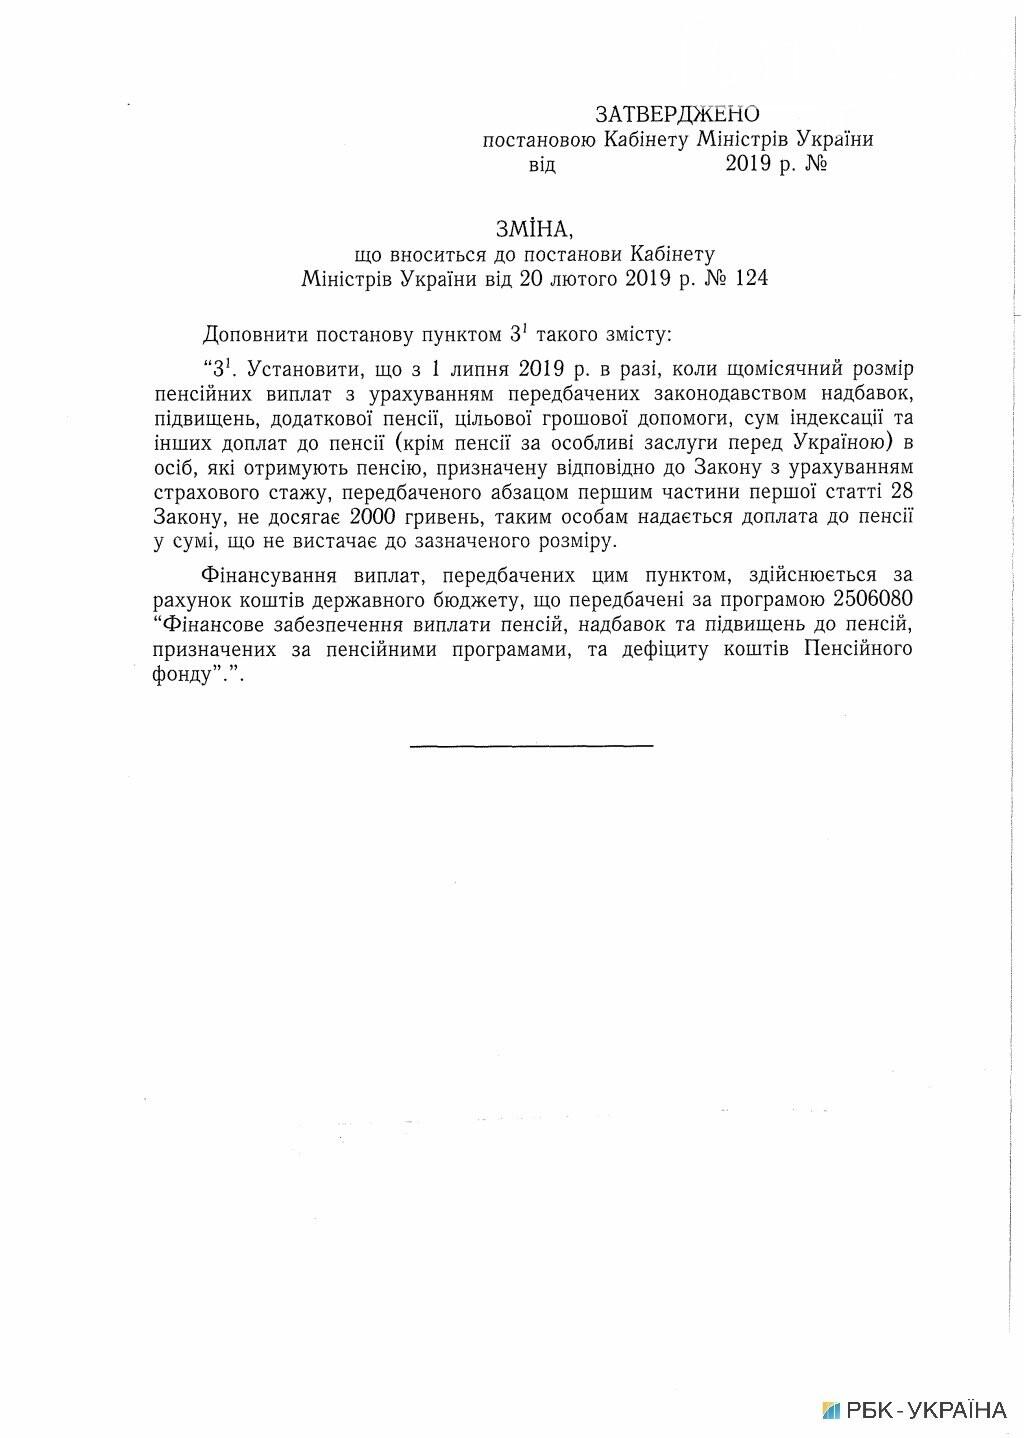 Пенсіонери Житомирщини отримуватимуть підвищену пенсію, фото-2